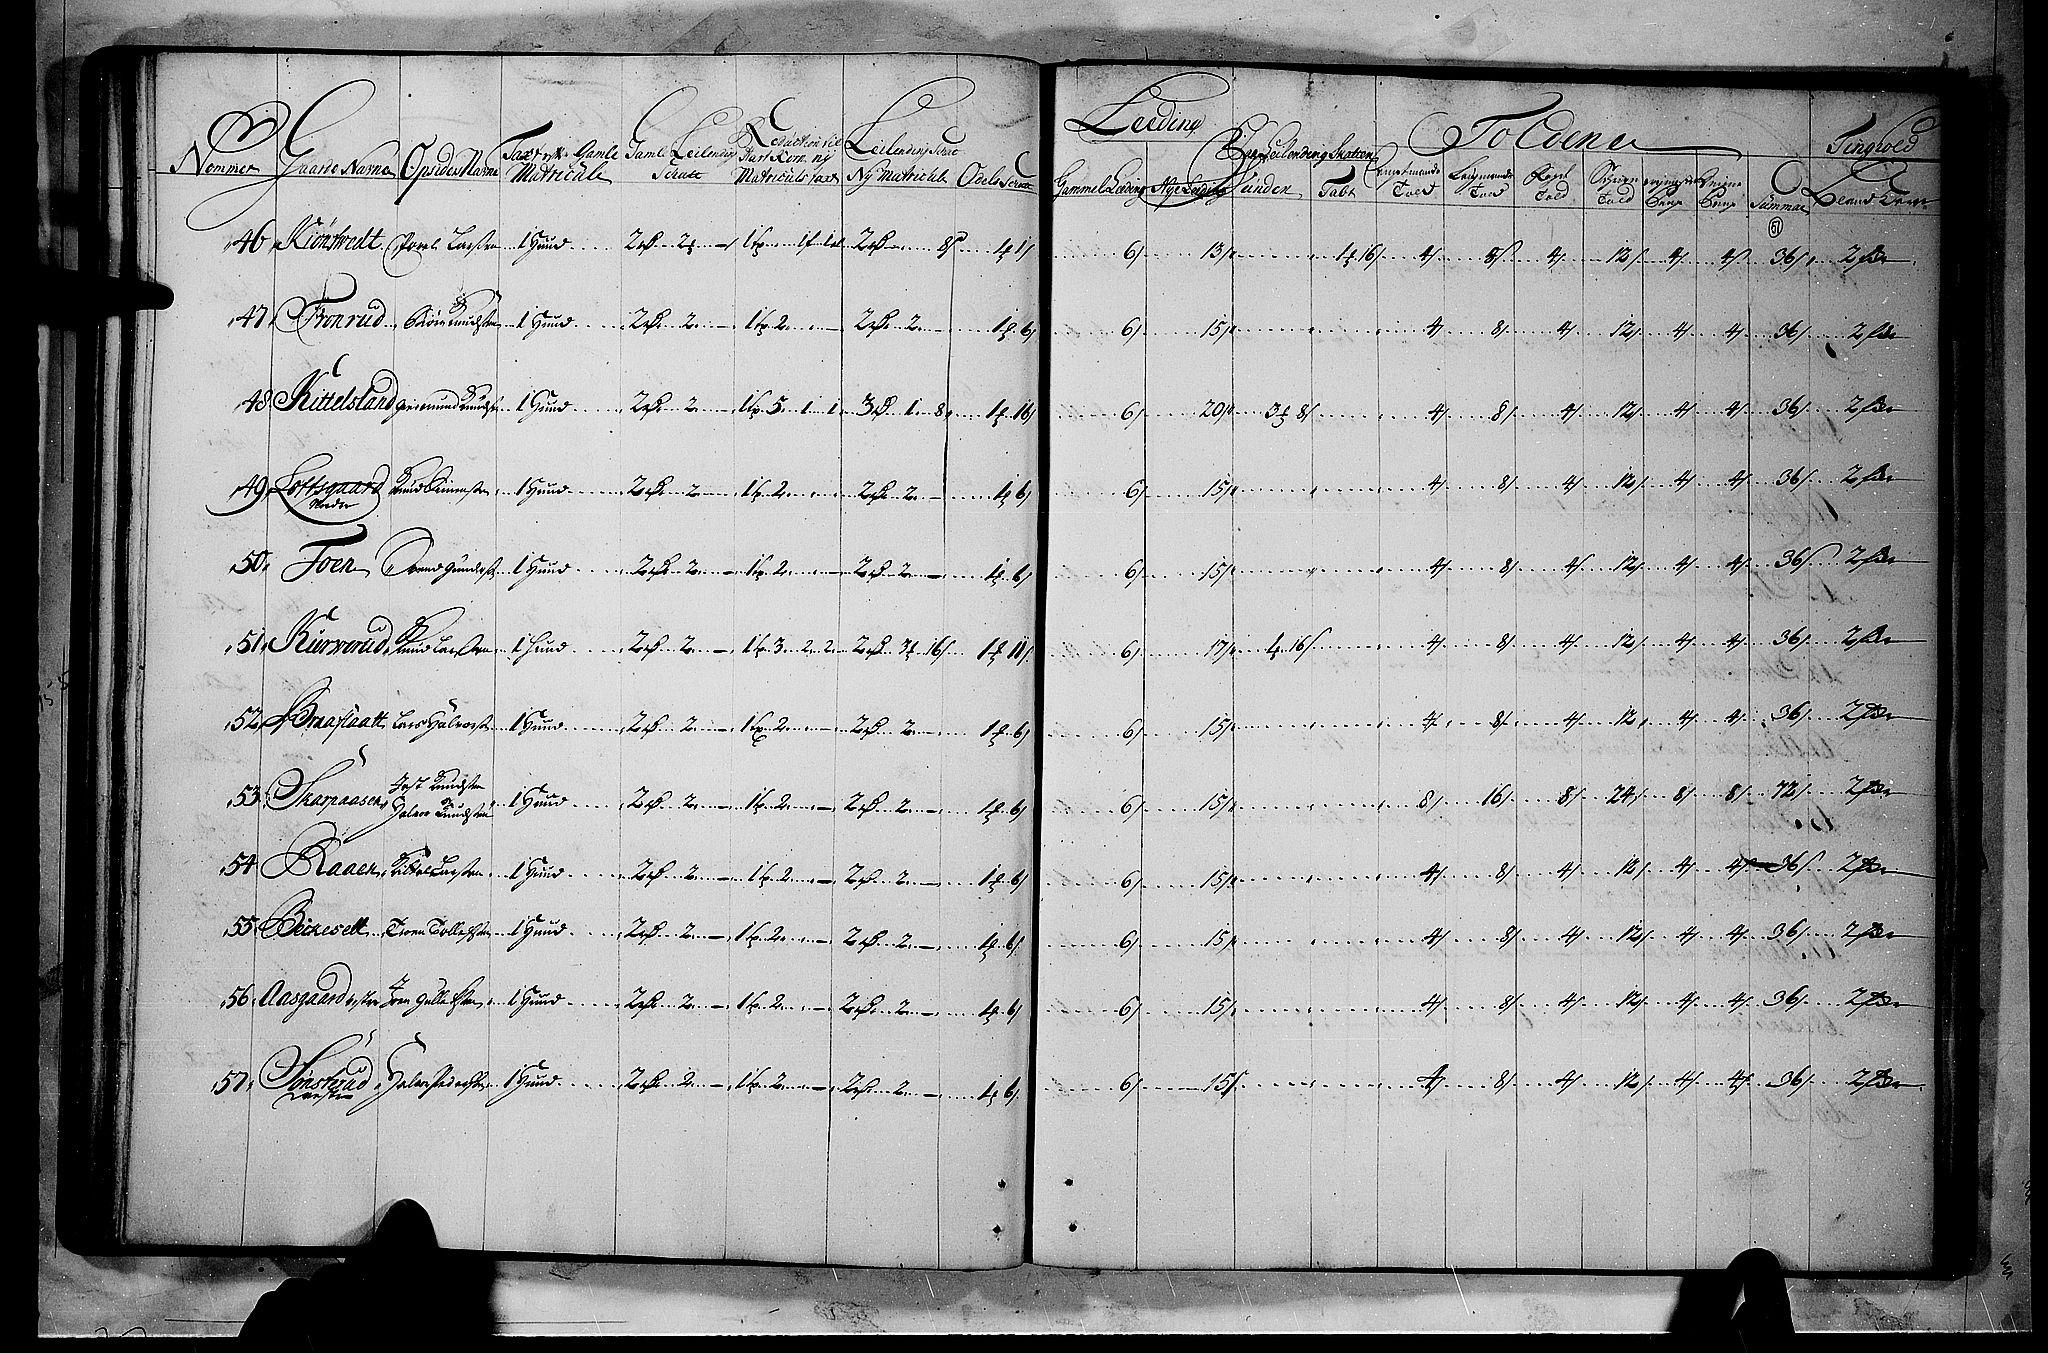 RA, Rentekammeret inntil 1814, Realistisk ordnet avdeling, N/Nb/Nbf/L0114: Numedal og Sandsvær matrikkelprotokoll, 1723, s. 52